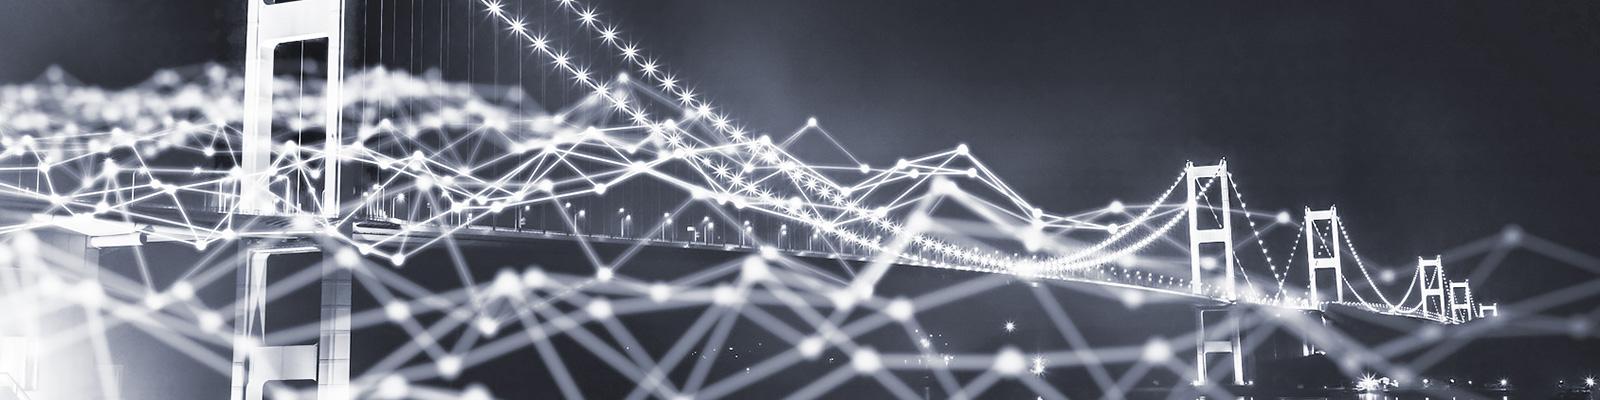 ネットワーク ブリッジ イメージ